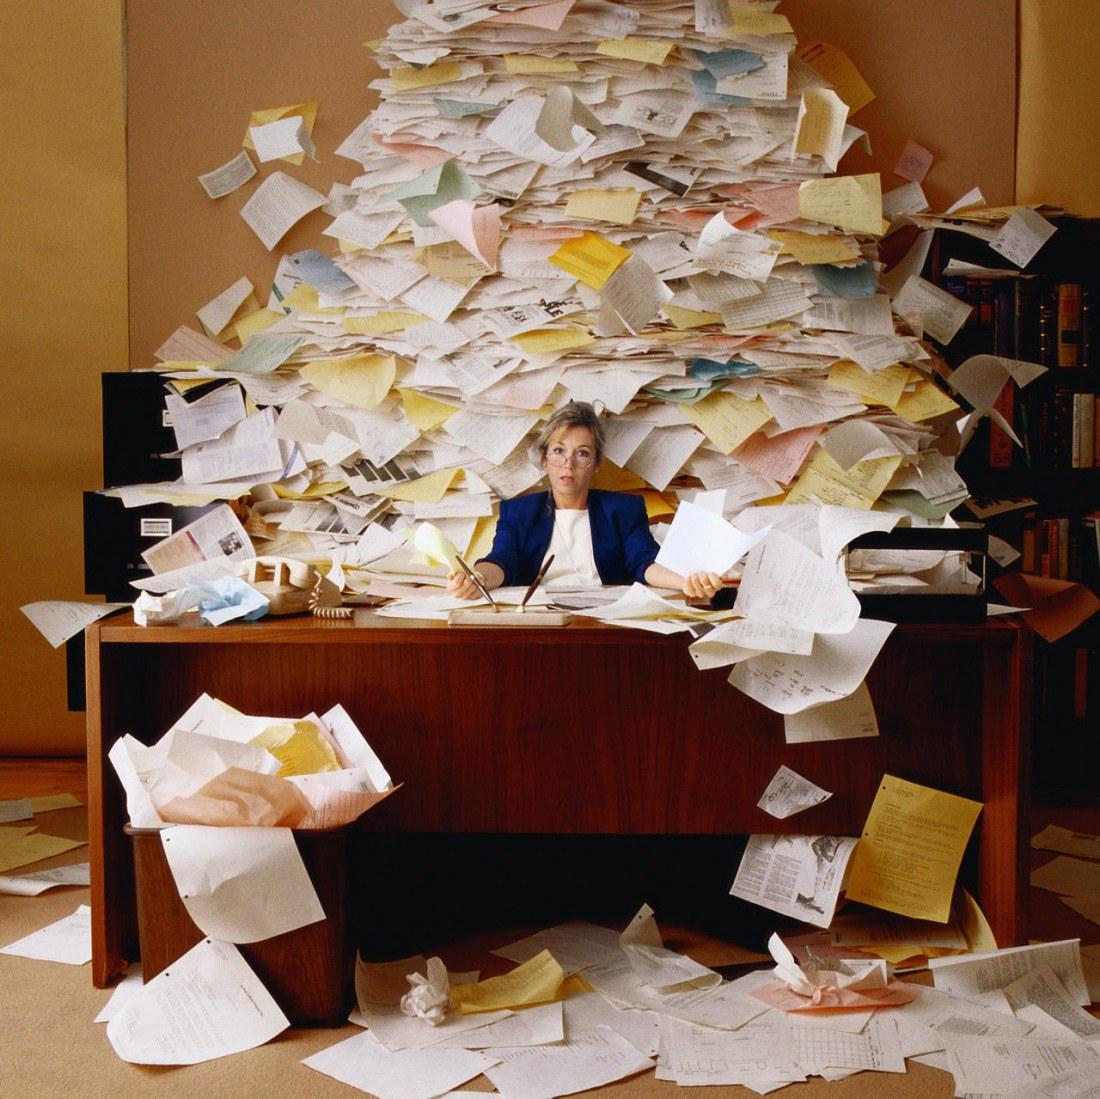 О чем нужно помнить, когда в жизни и на работе полный перегруз, справиться с которым, кажется, невозможно?